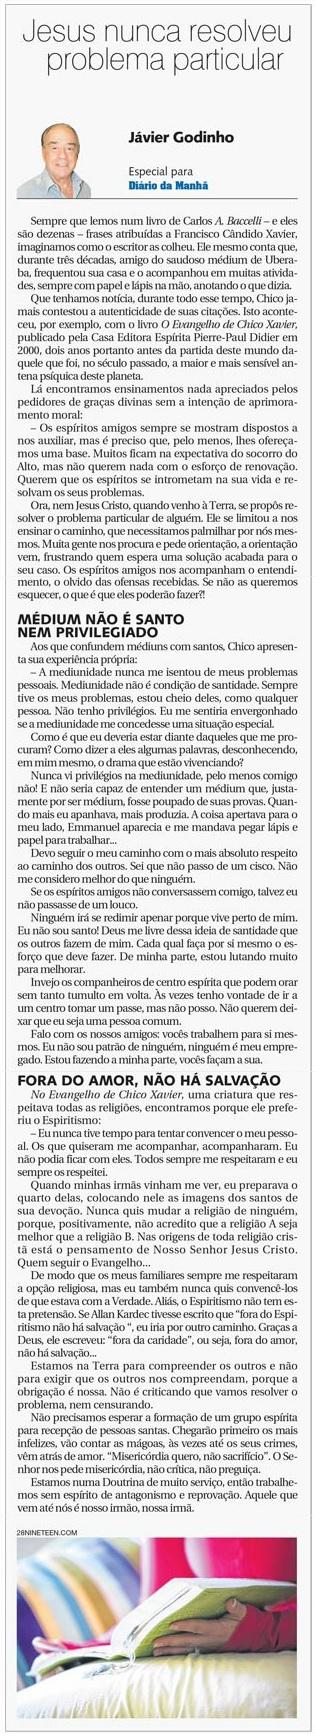 DM 10-09-2014 - Jesus nunca resolveu problema particular - Jávier Godinho